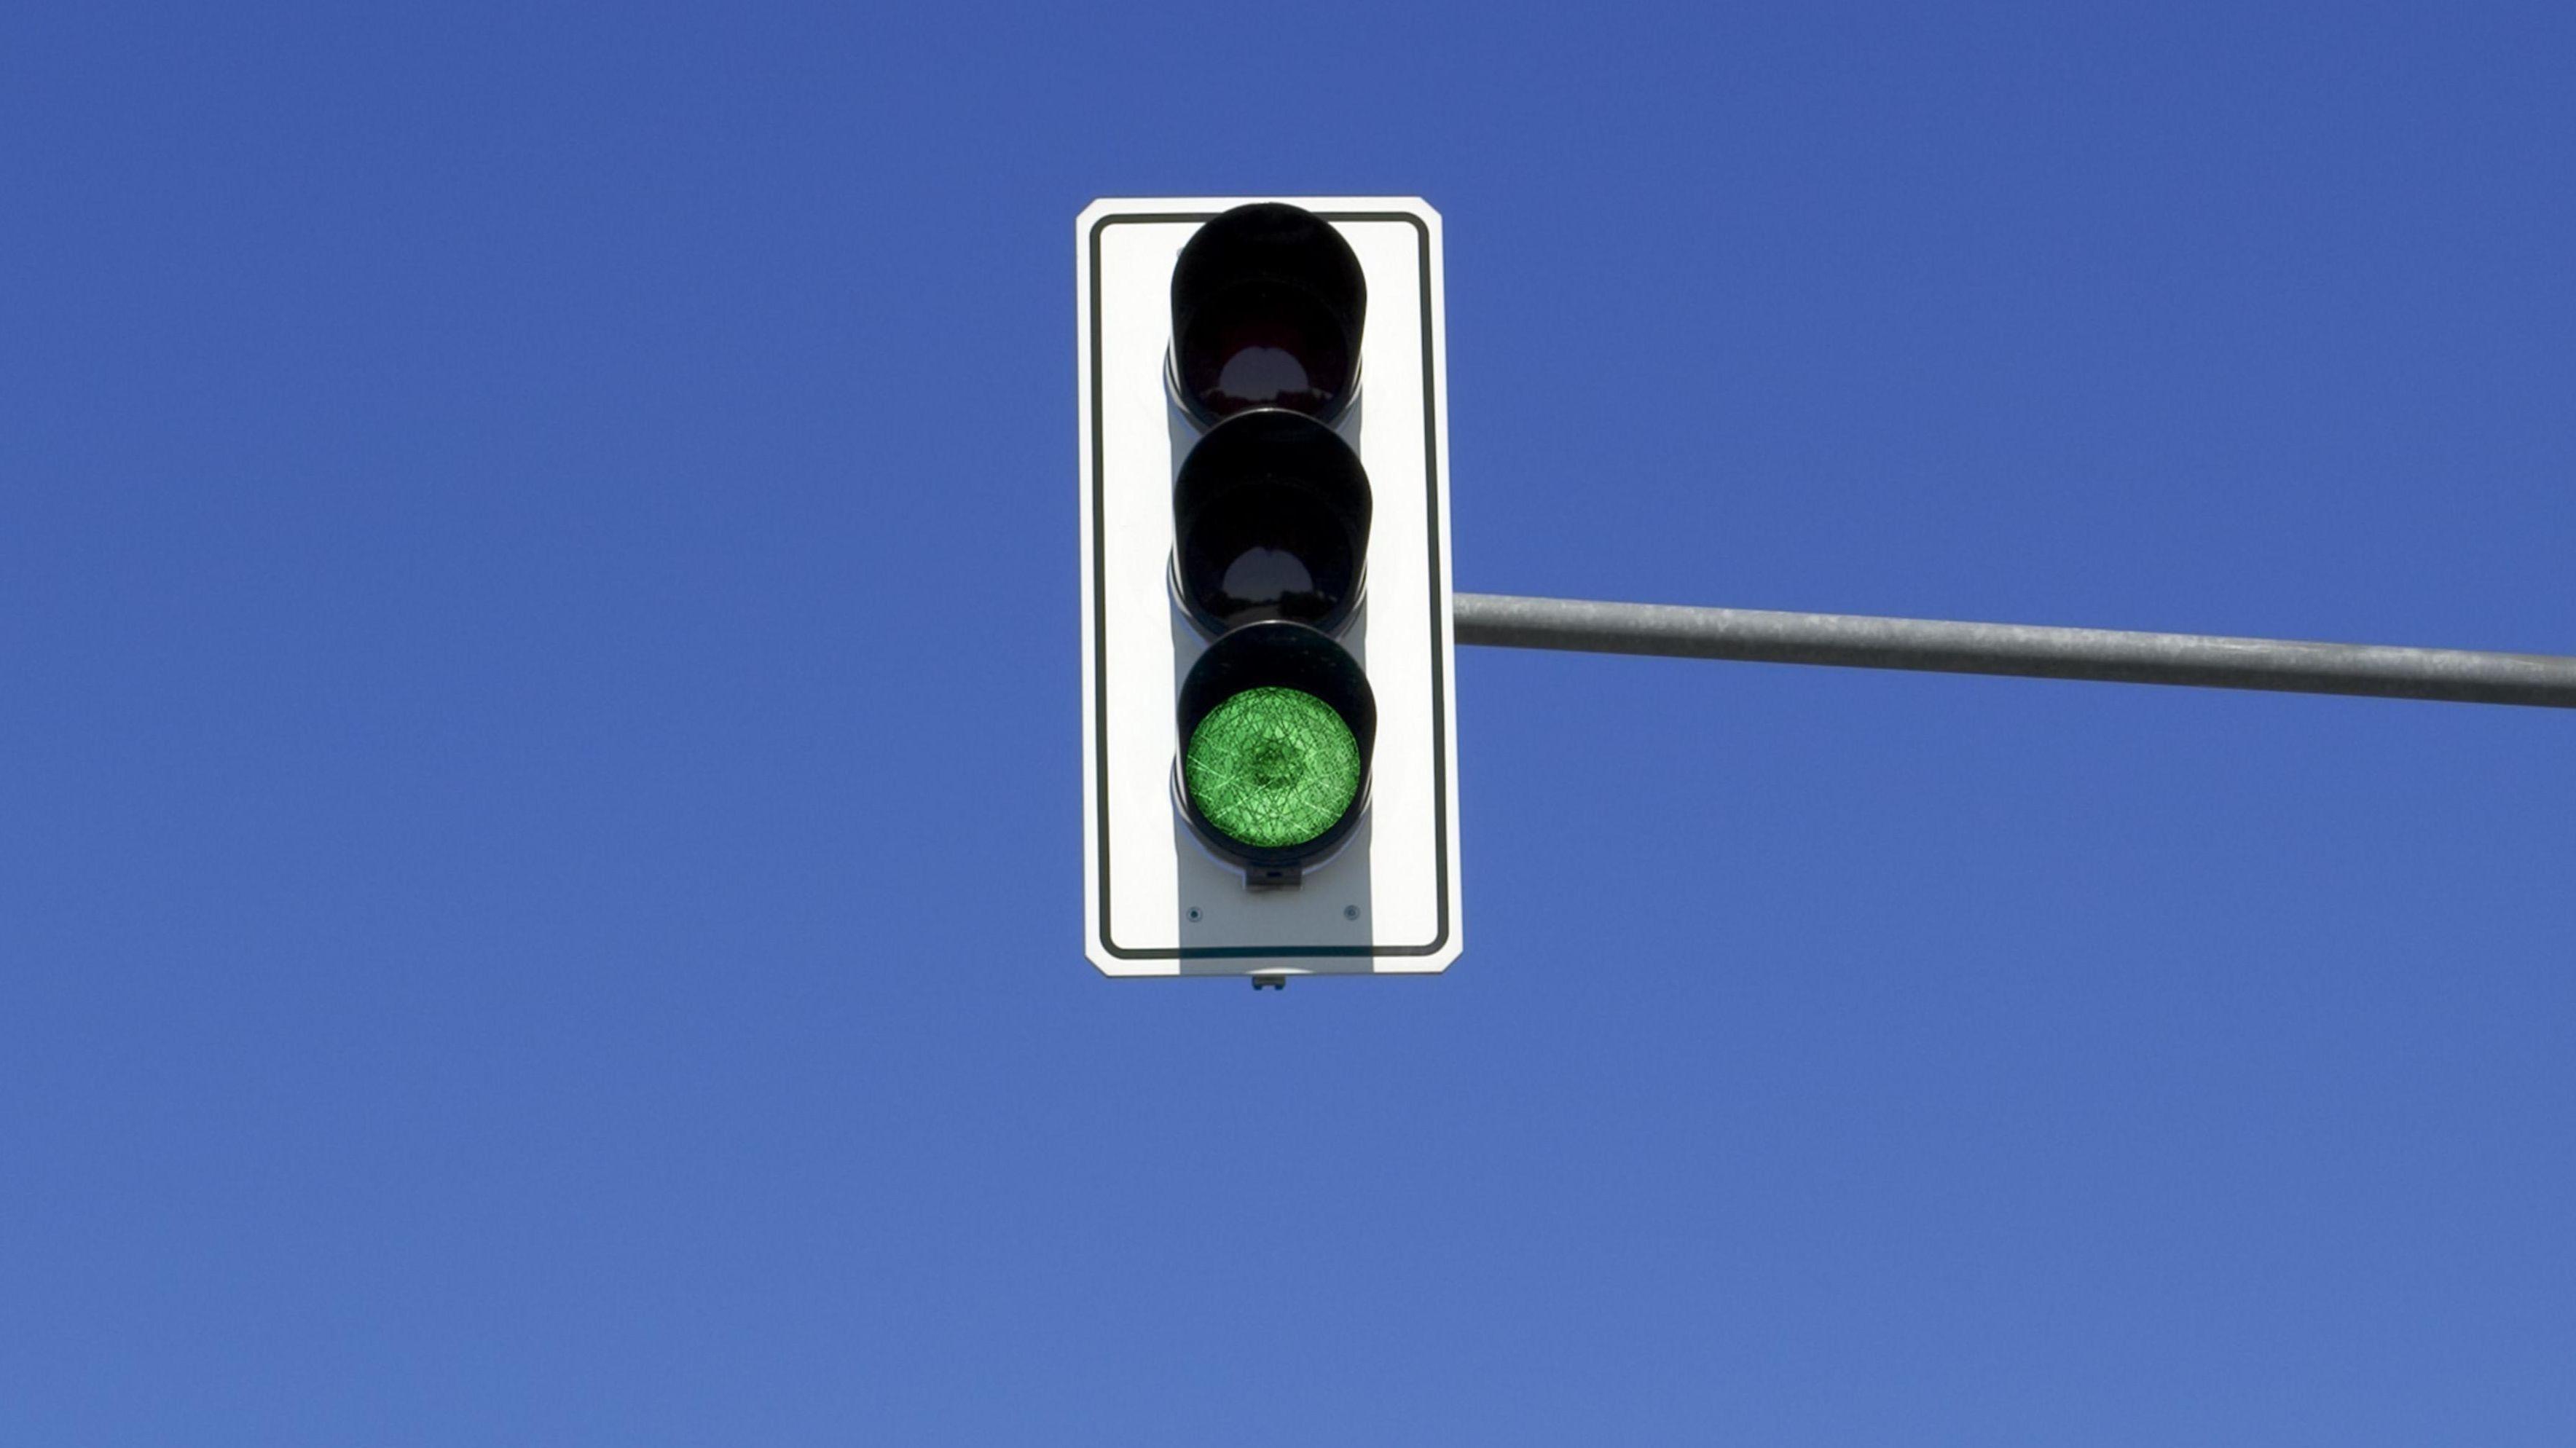 Wer bei Grün nicht gleich losfährt, wird oft angehupt